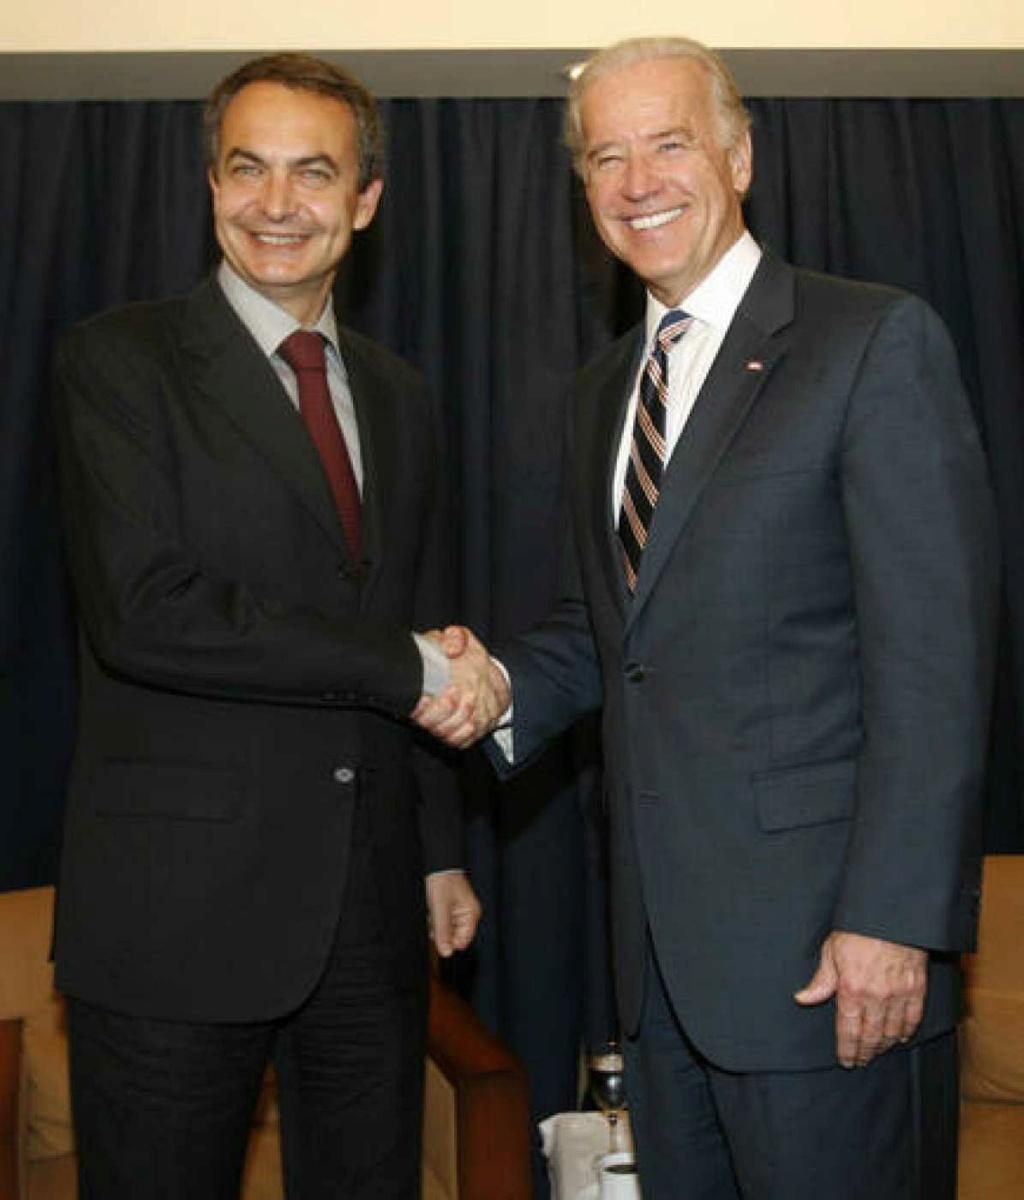 ¿Cuánto mide Joe Biden? - Altura - Real height - Página 2 Descar18